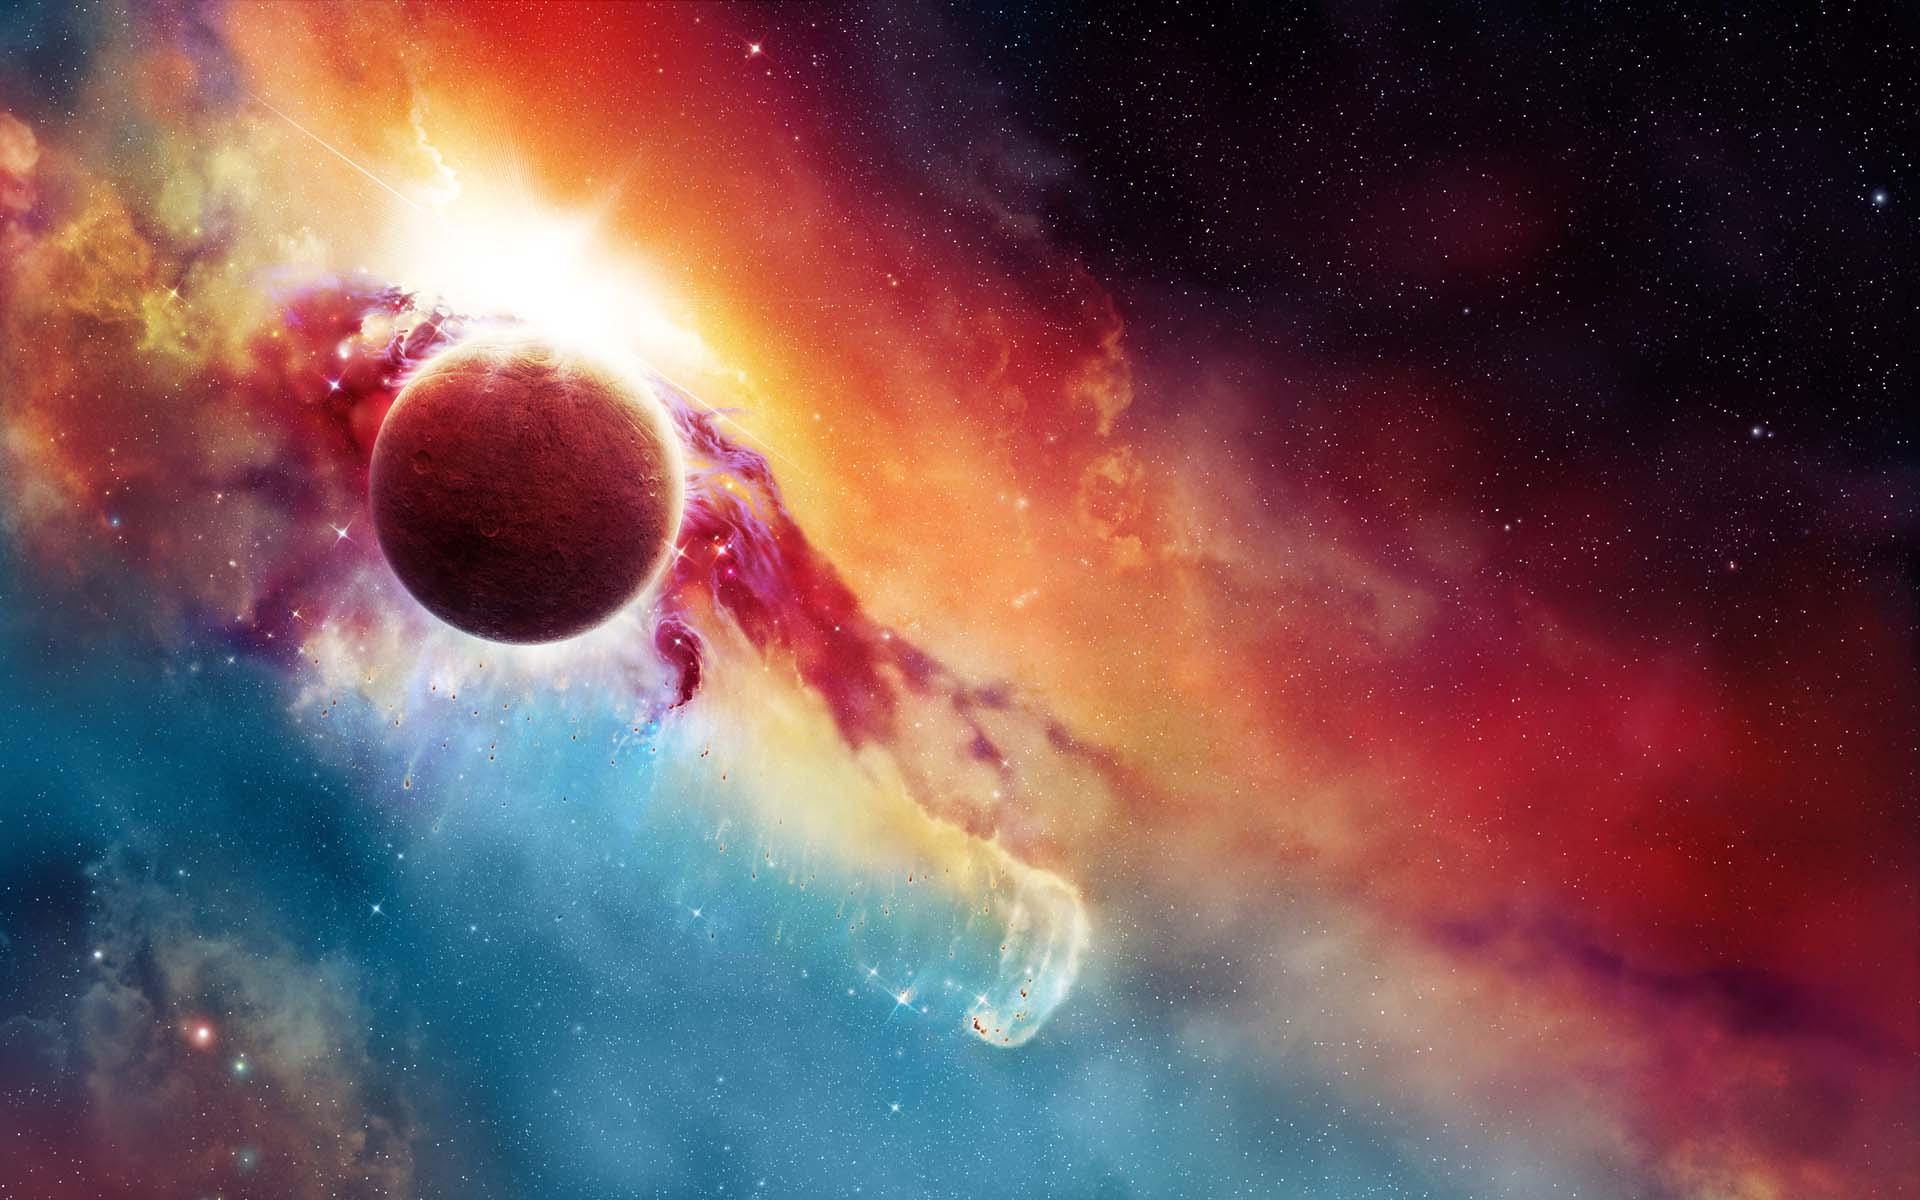 Hình nền Galaxy cực đẹp